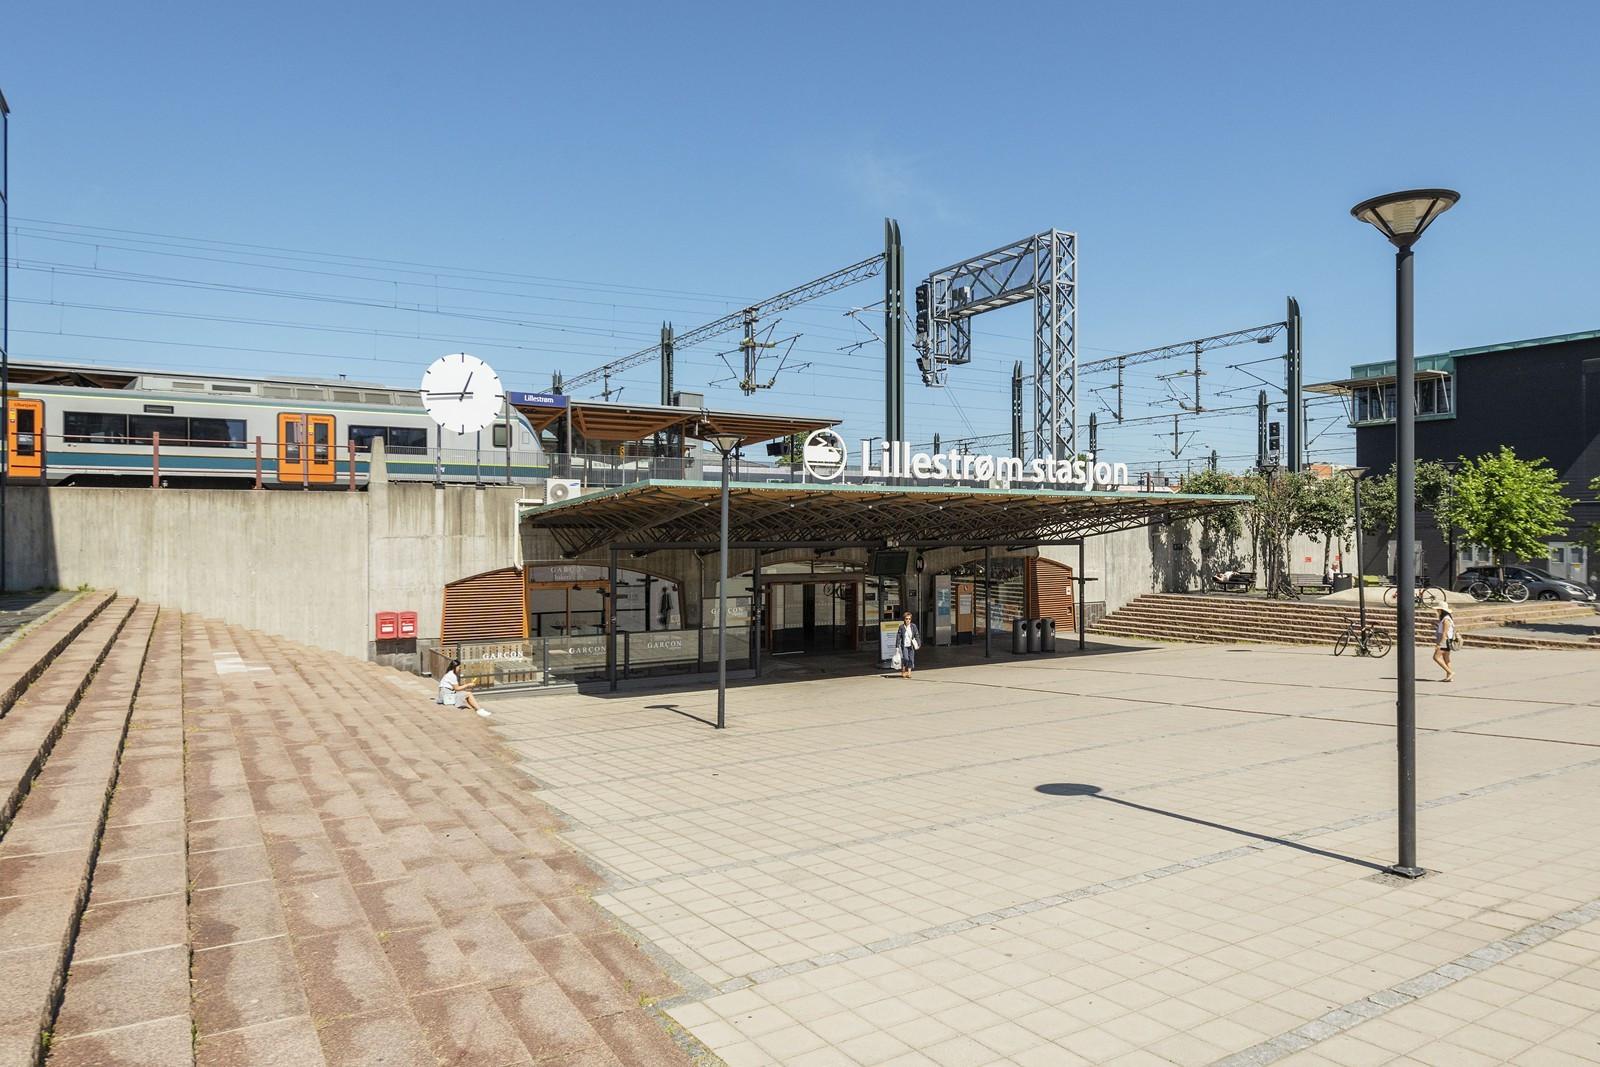 Lillestrøm kollektivterminal er etablert på andre siden av veien